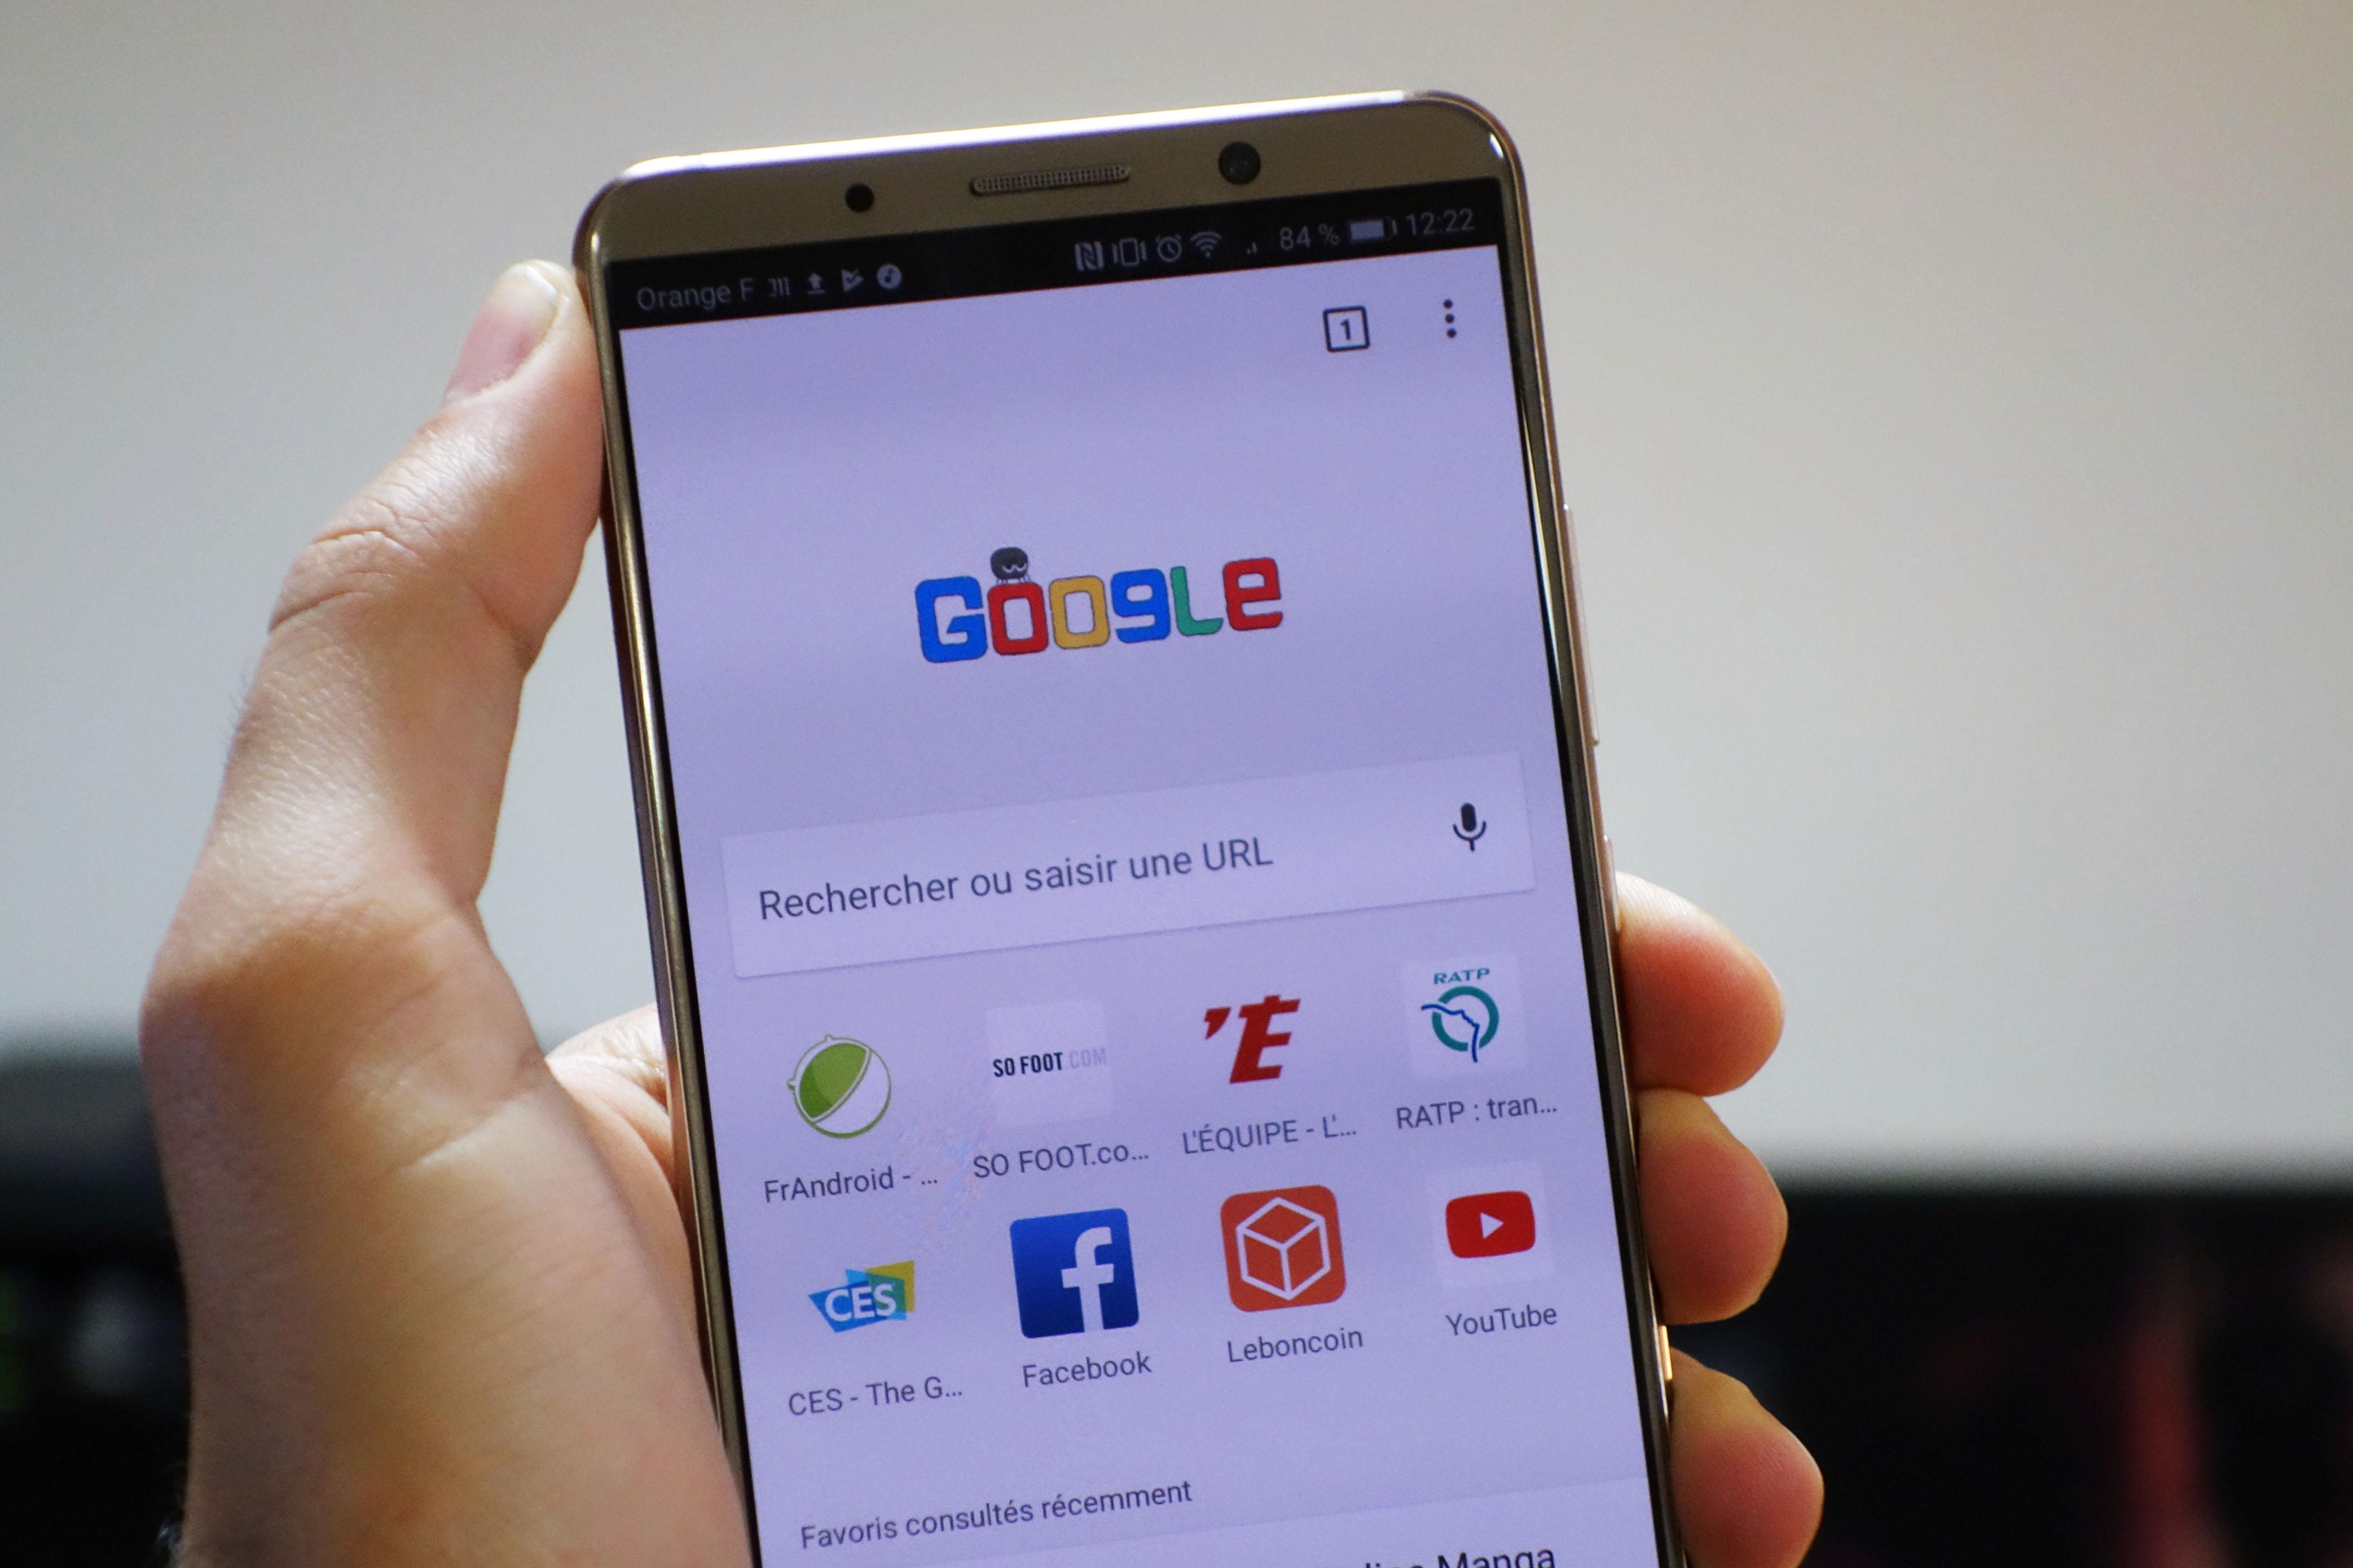 Chrome sur Android : l'affichage des onglets pourrait drastiquement changer face au 18:9